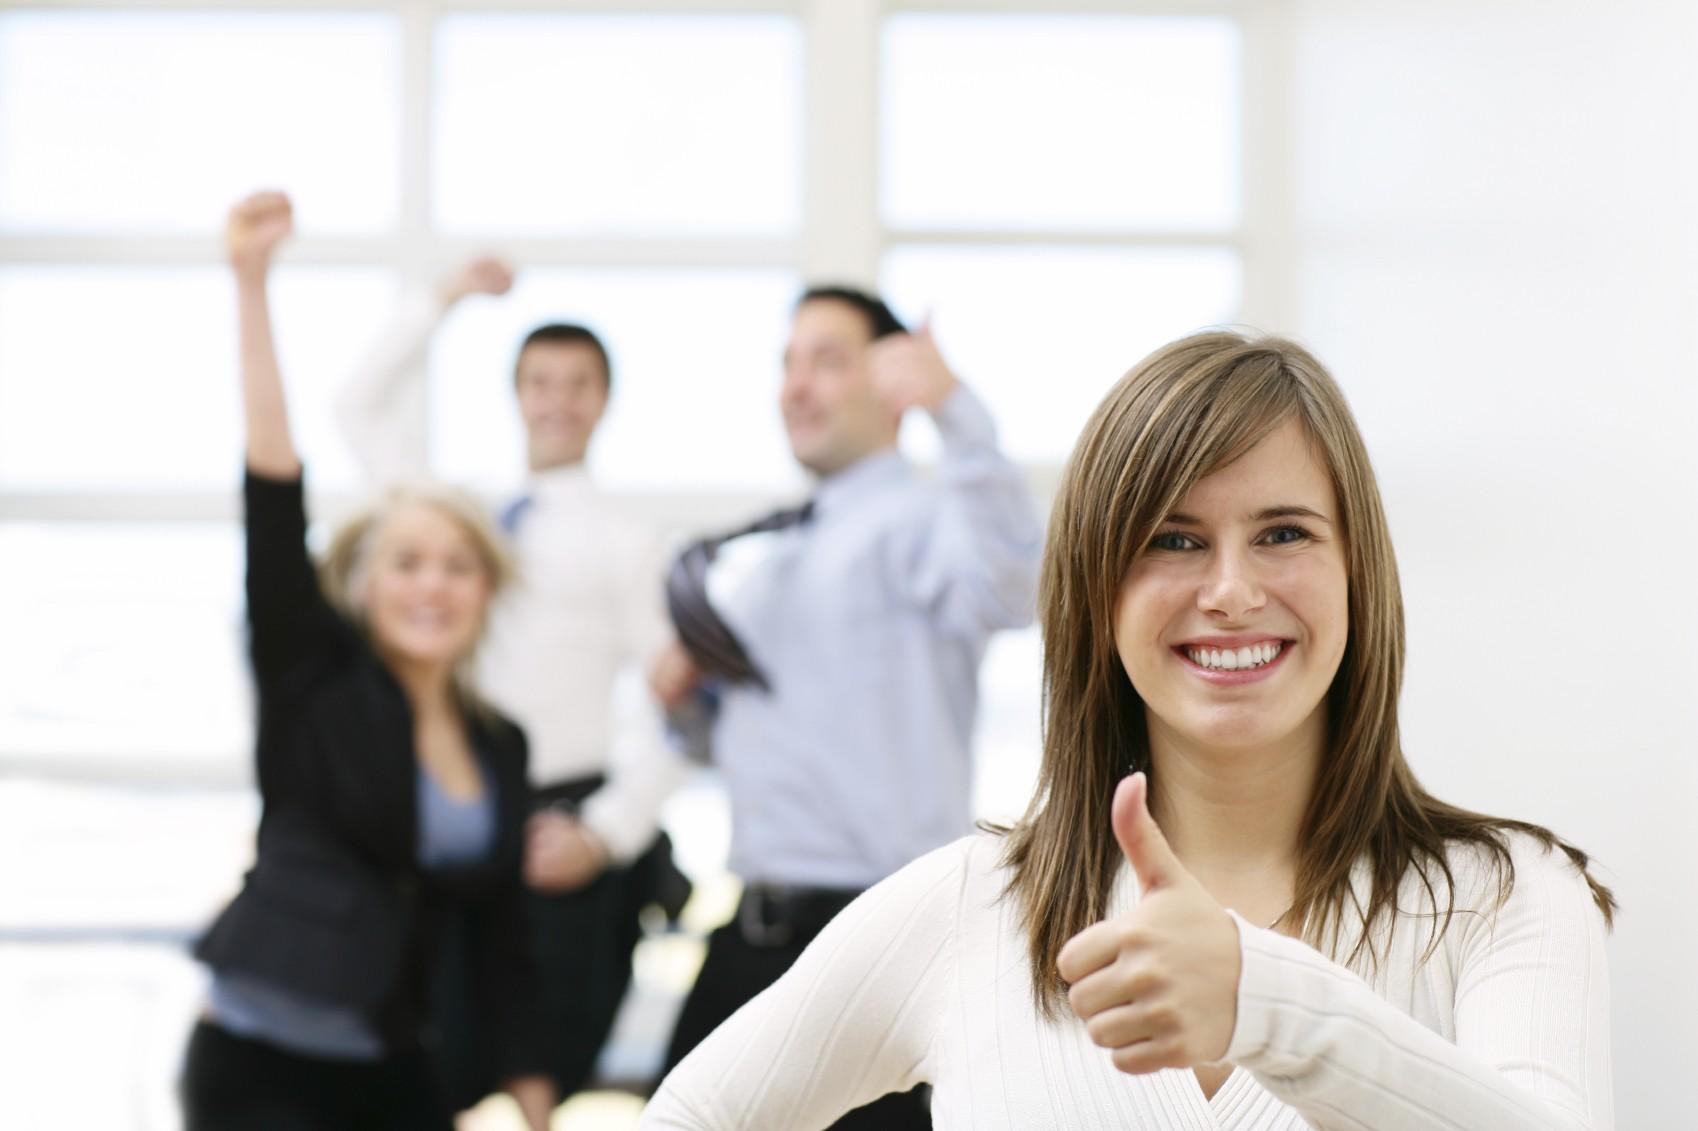 Desarrollo profesional y oportunidades profesionales